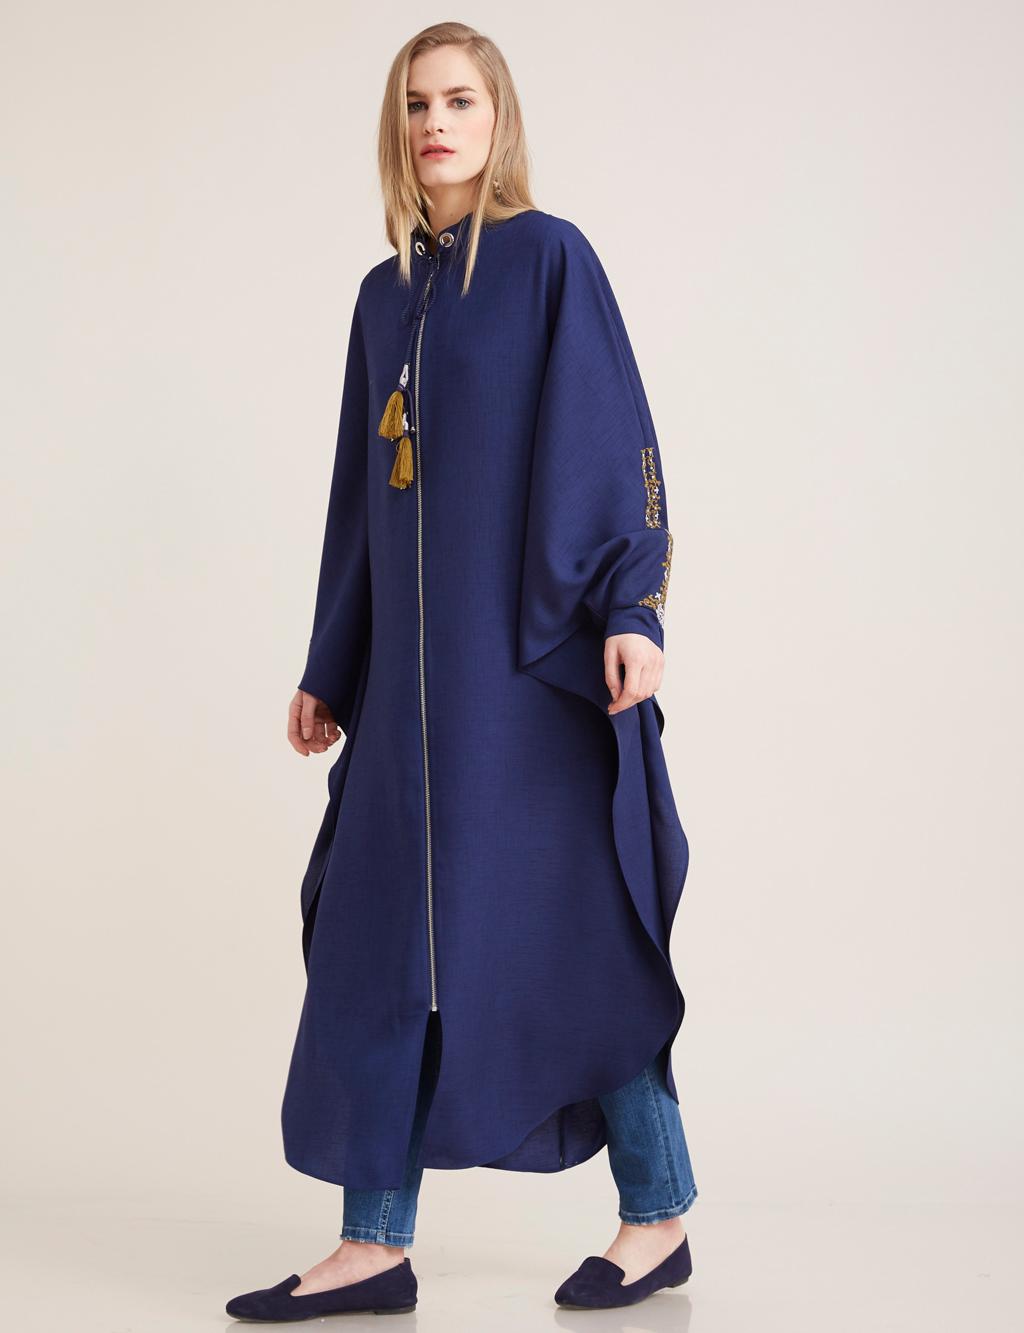 Kayra Giyim Kolları Kaneviçe Salaş Giy-Çık Saks